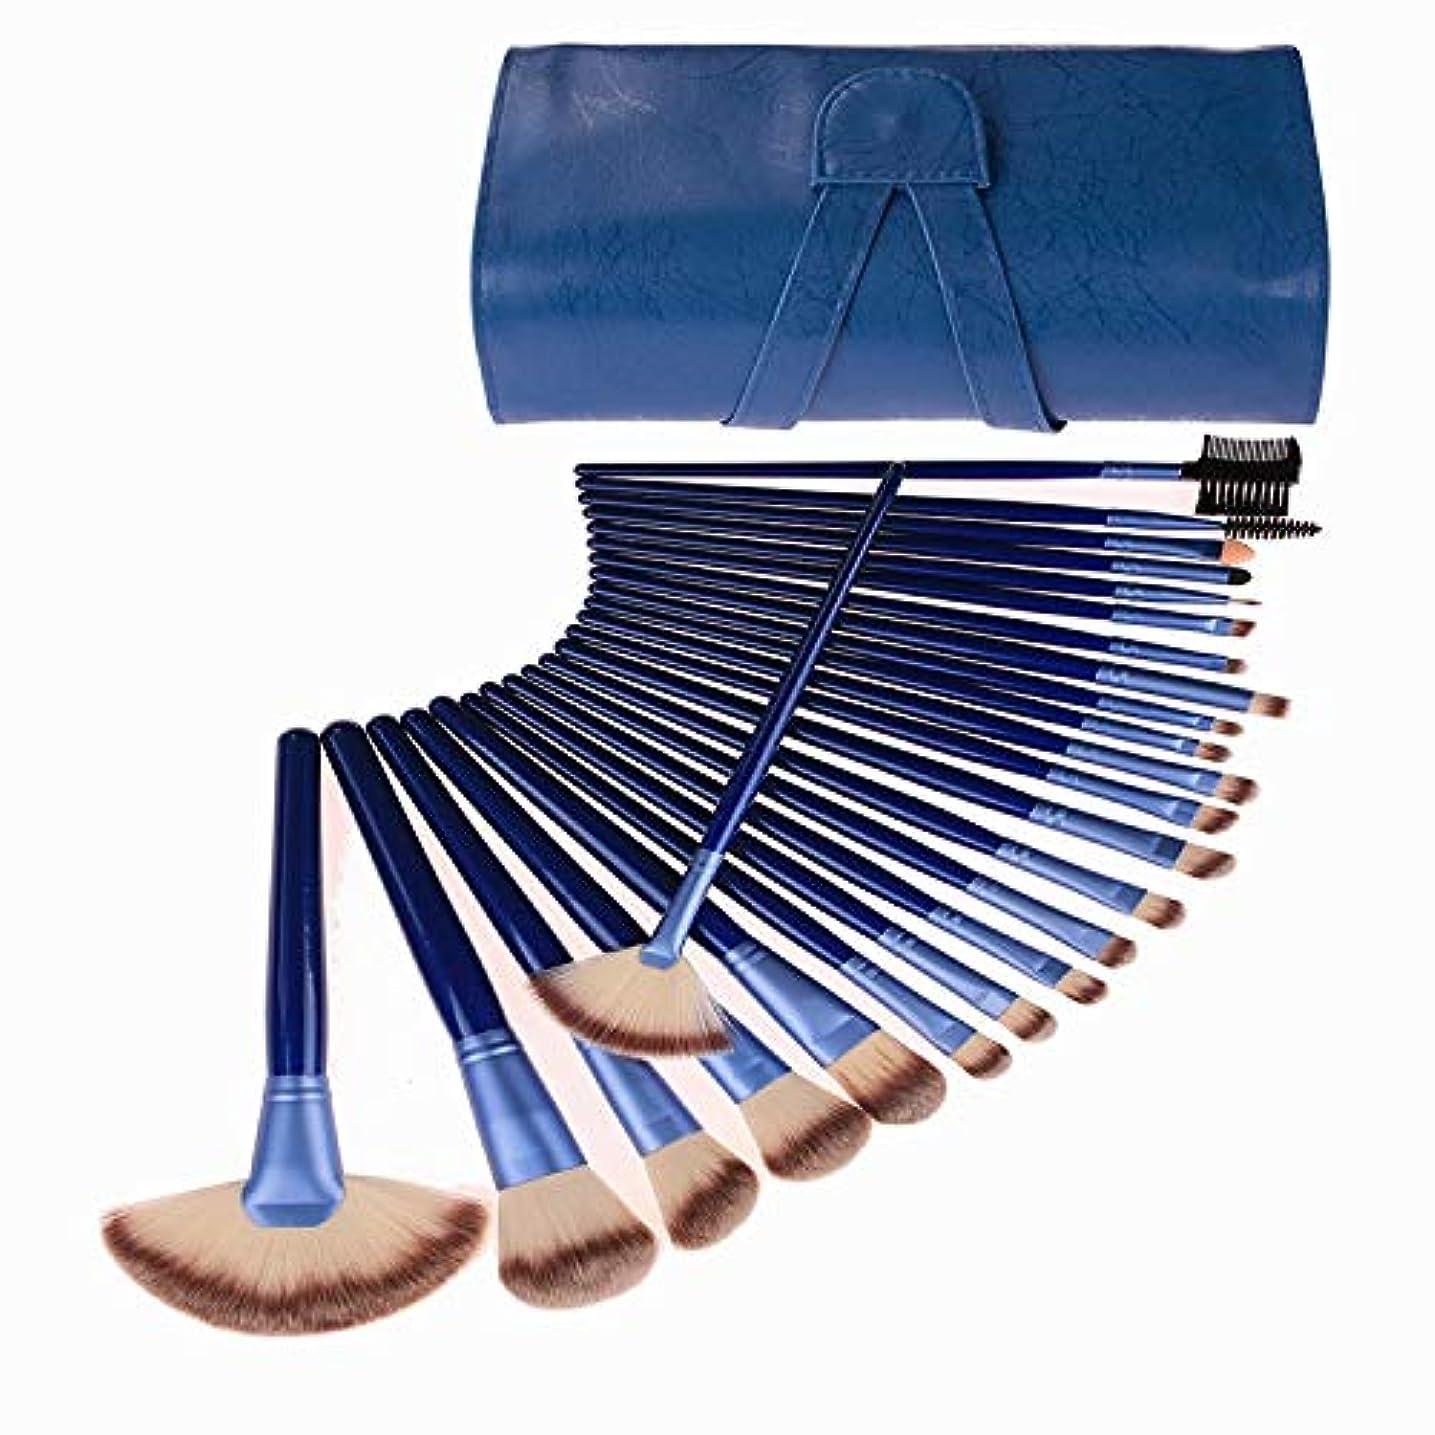 ロードされた床を掃除するデンマーク化粧ブラシスタートメーカー24個天然竹化粧ブラシセットビーガンプロ化粧品歌舞伎ブラシ化粧ブラシセット非常に柔らかい化粧ブラシセット美容スポンジ (Color : Blue)